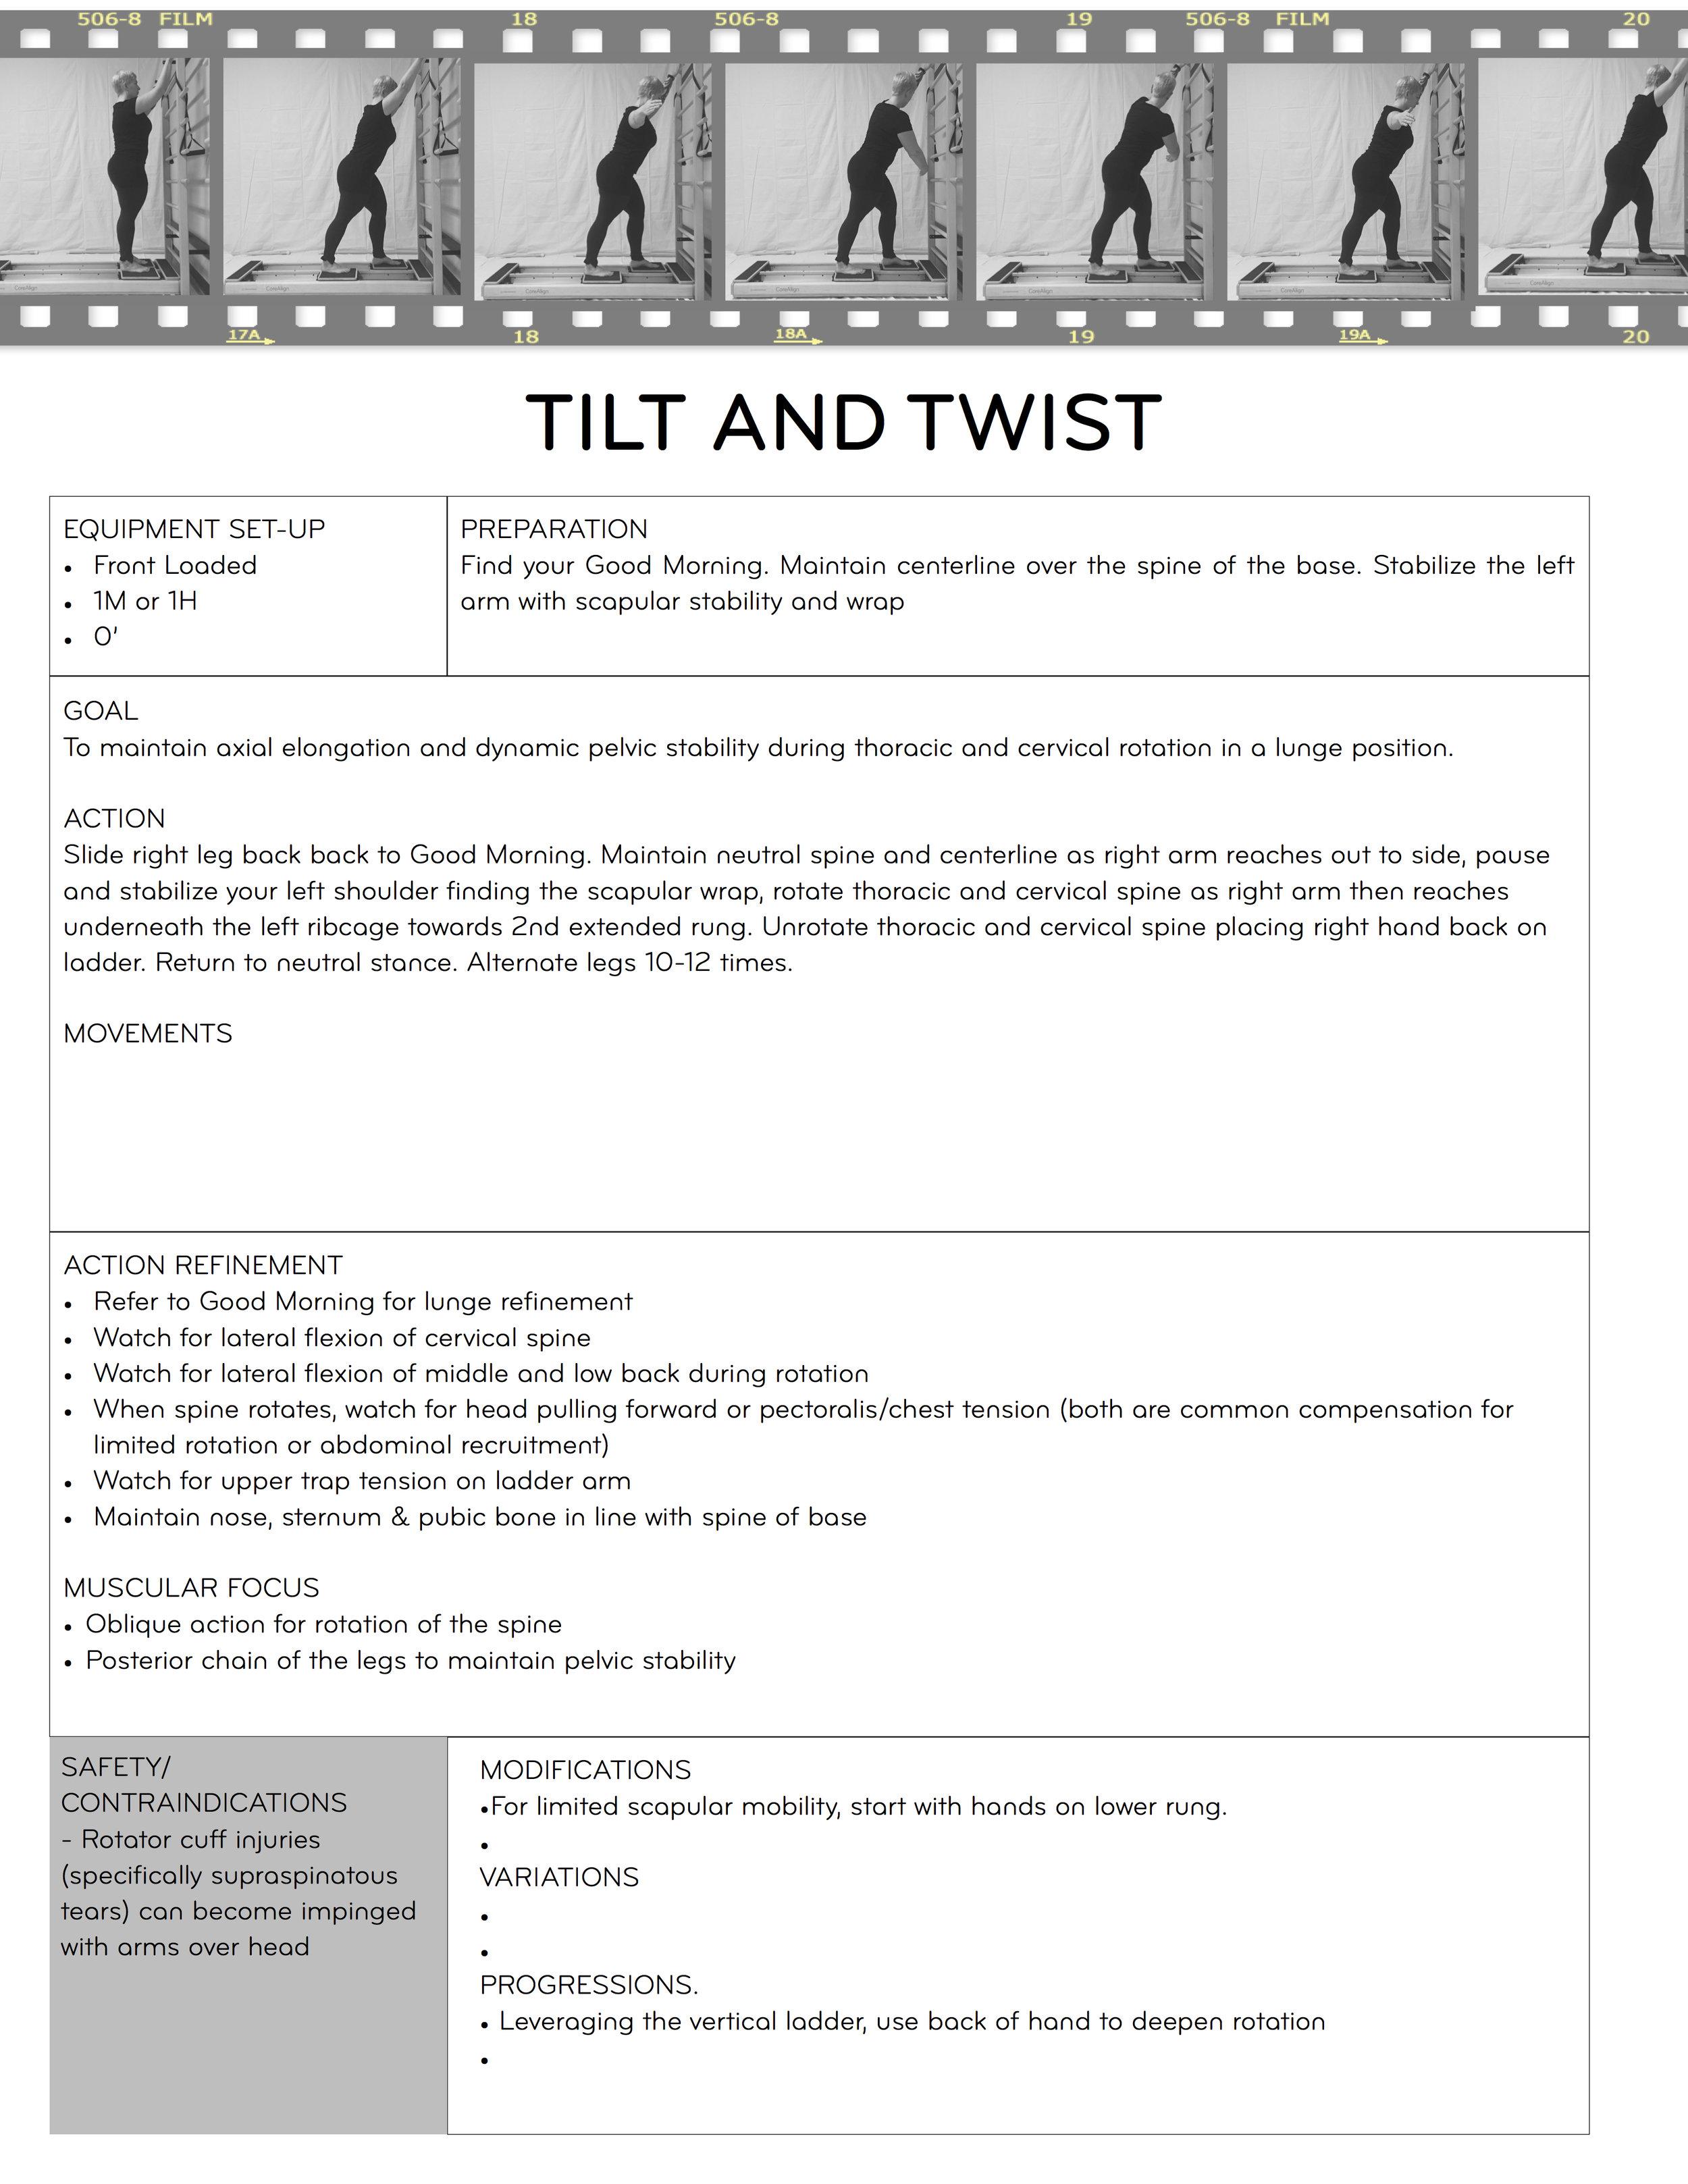 2. TILT & TWIST (entered in complete manual).jpg